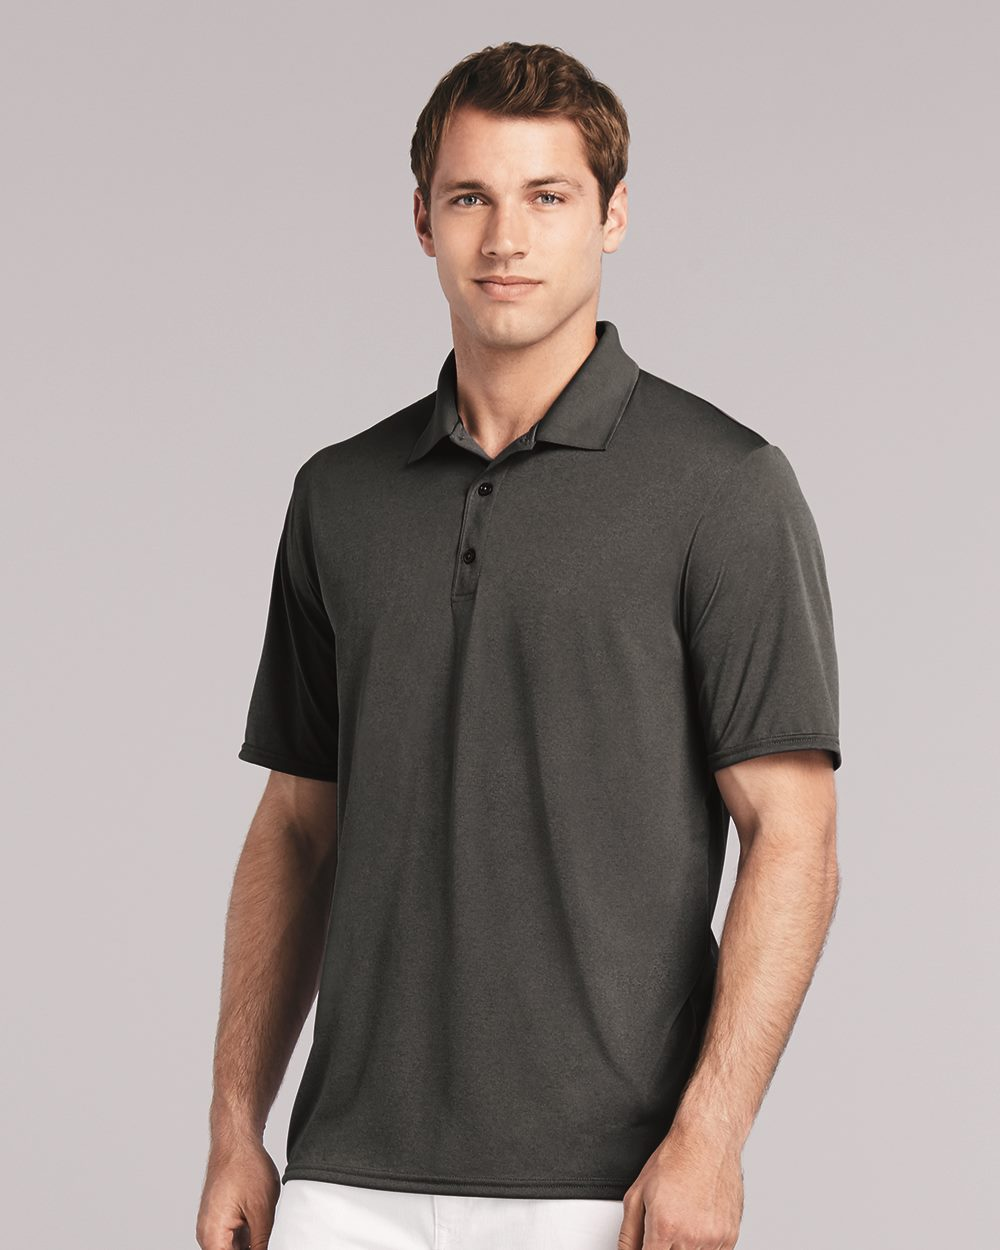 Gildan - G44800 Perf Adult Jersey Sport Shirt